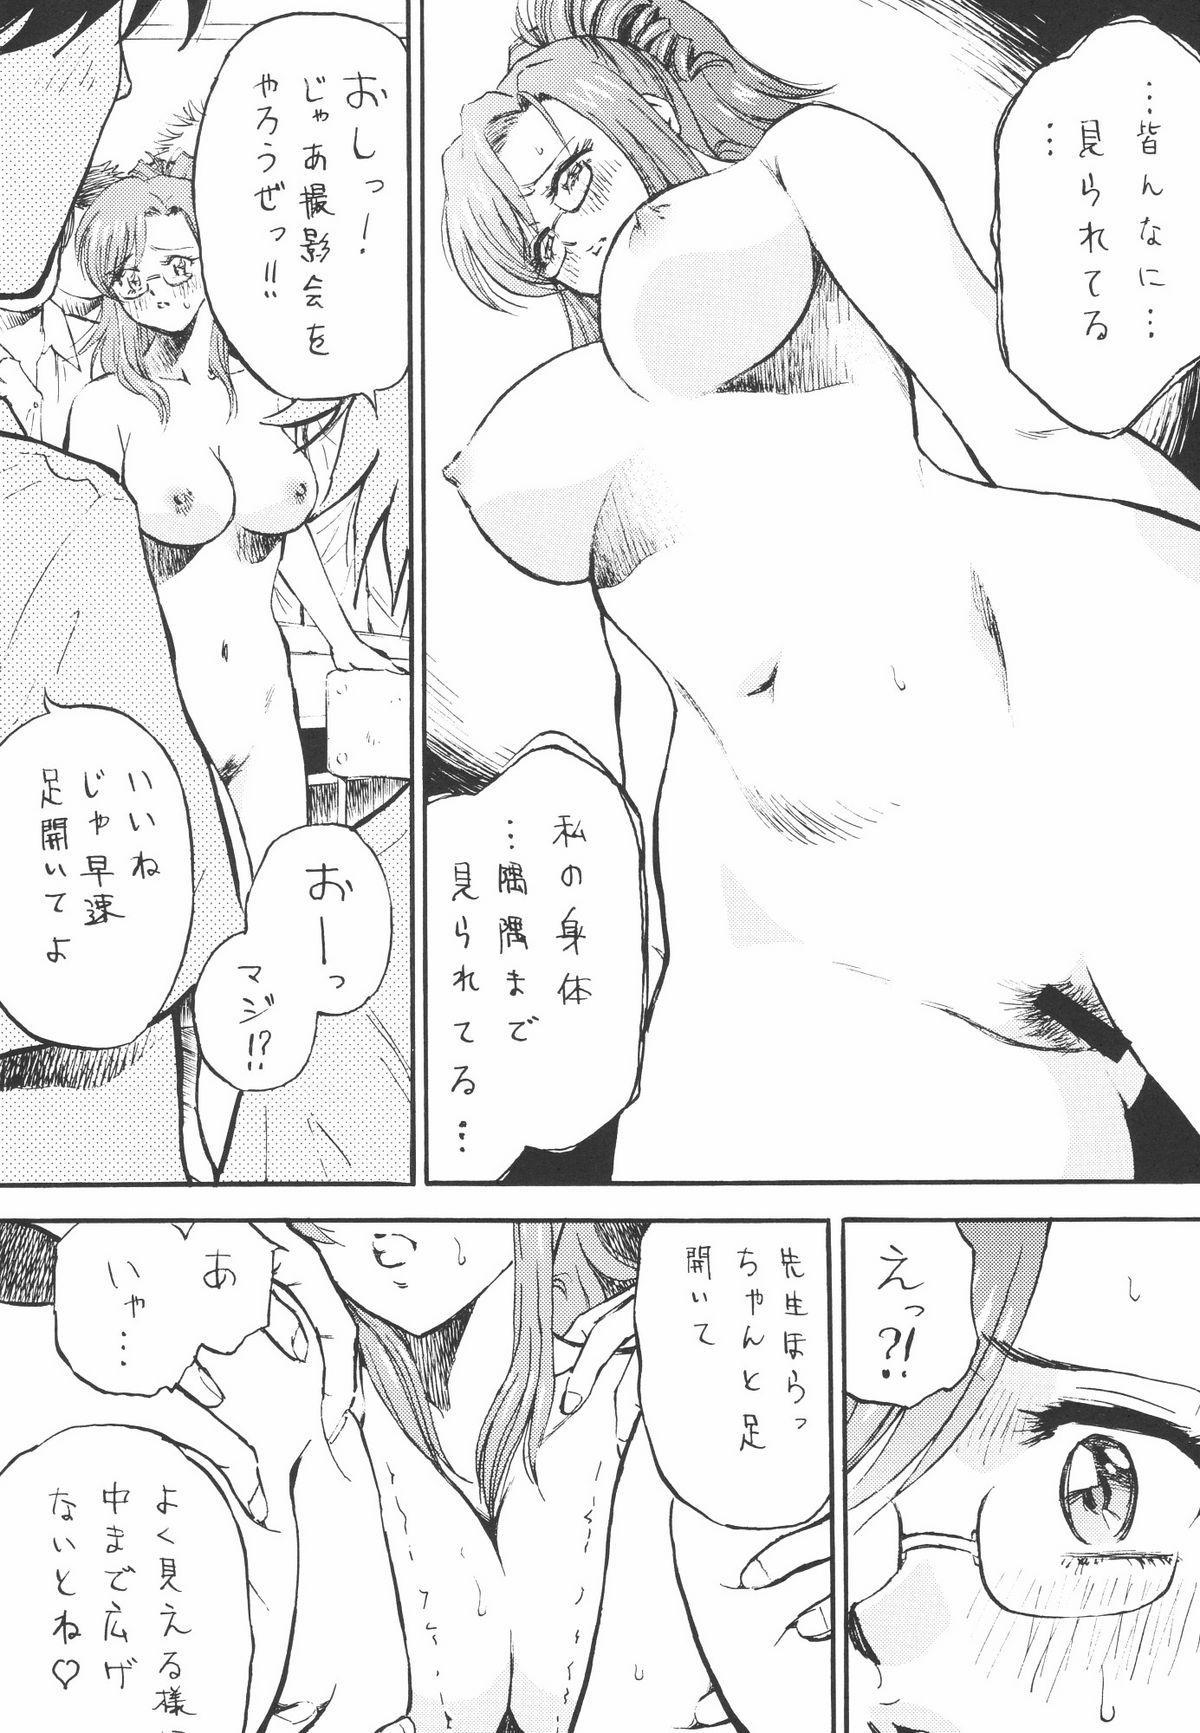 Megane no Sensei ha Suki Desuka? 15